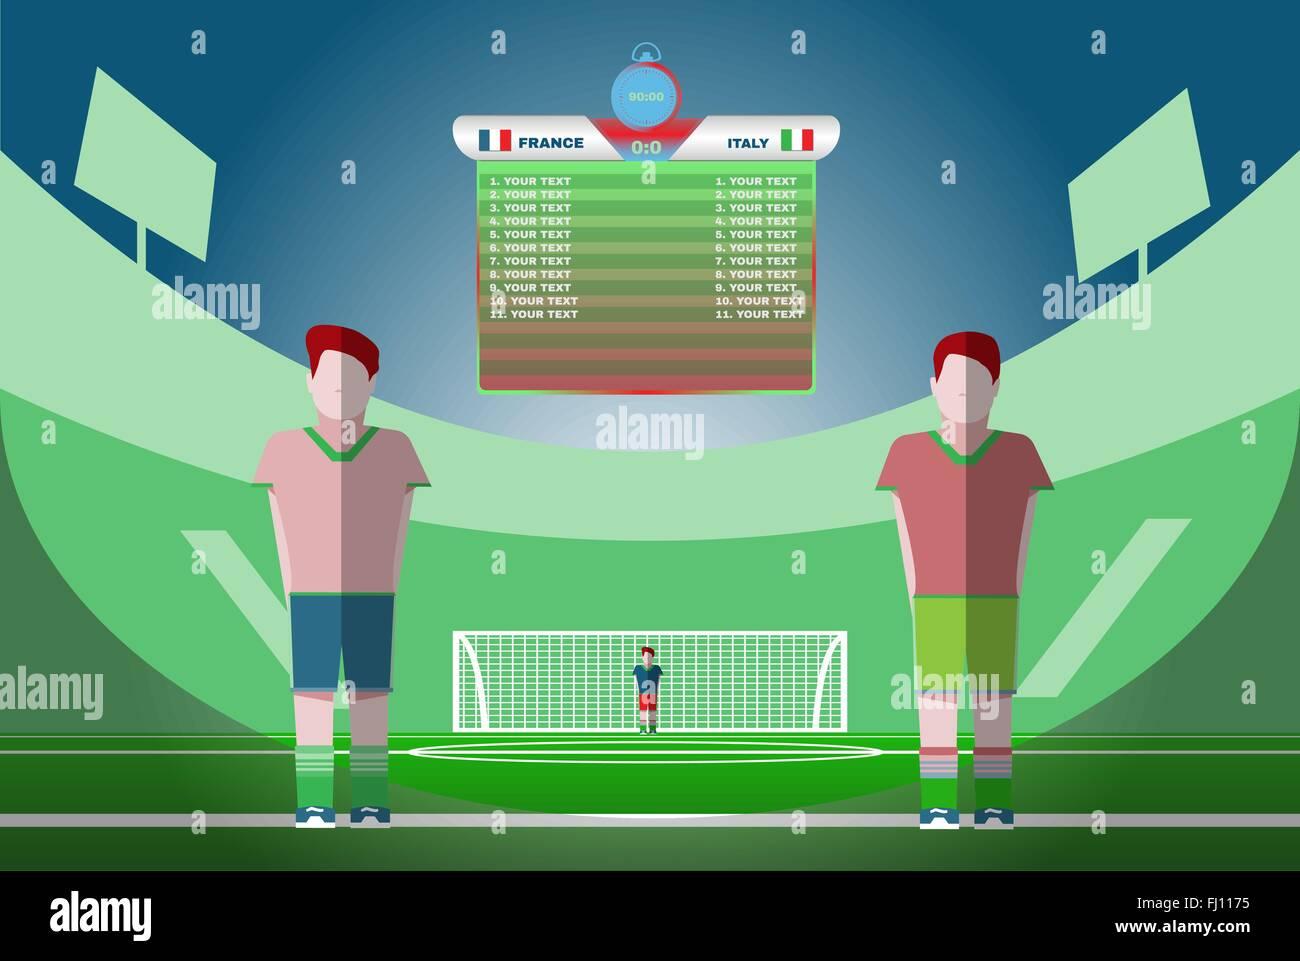 be09334f7dad5 Marcador con jugadores y coincidir con la puntuación y otros datos. Campo  de juego del estadio de fútbol como telón de fondo.